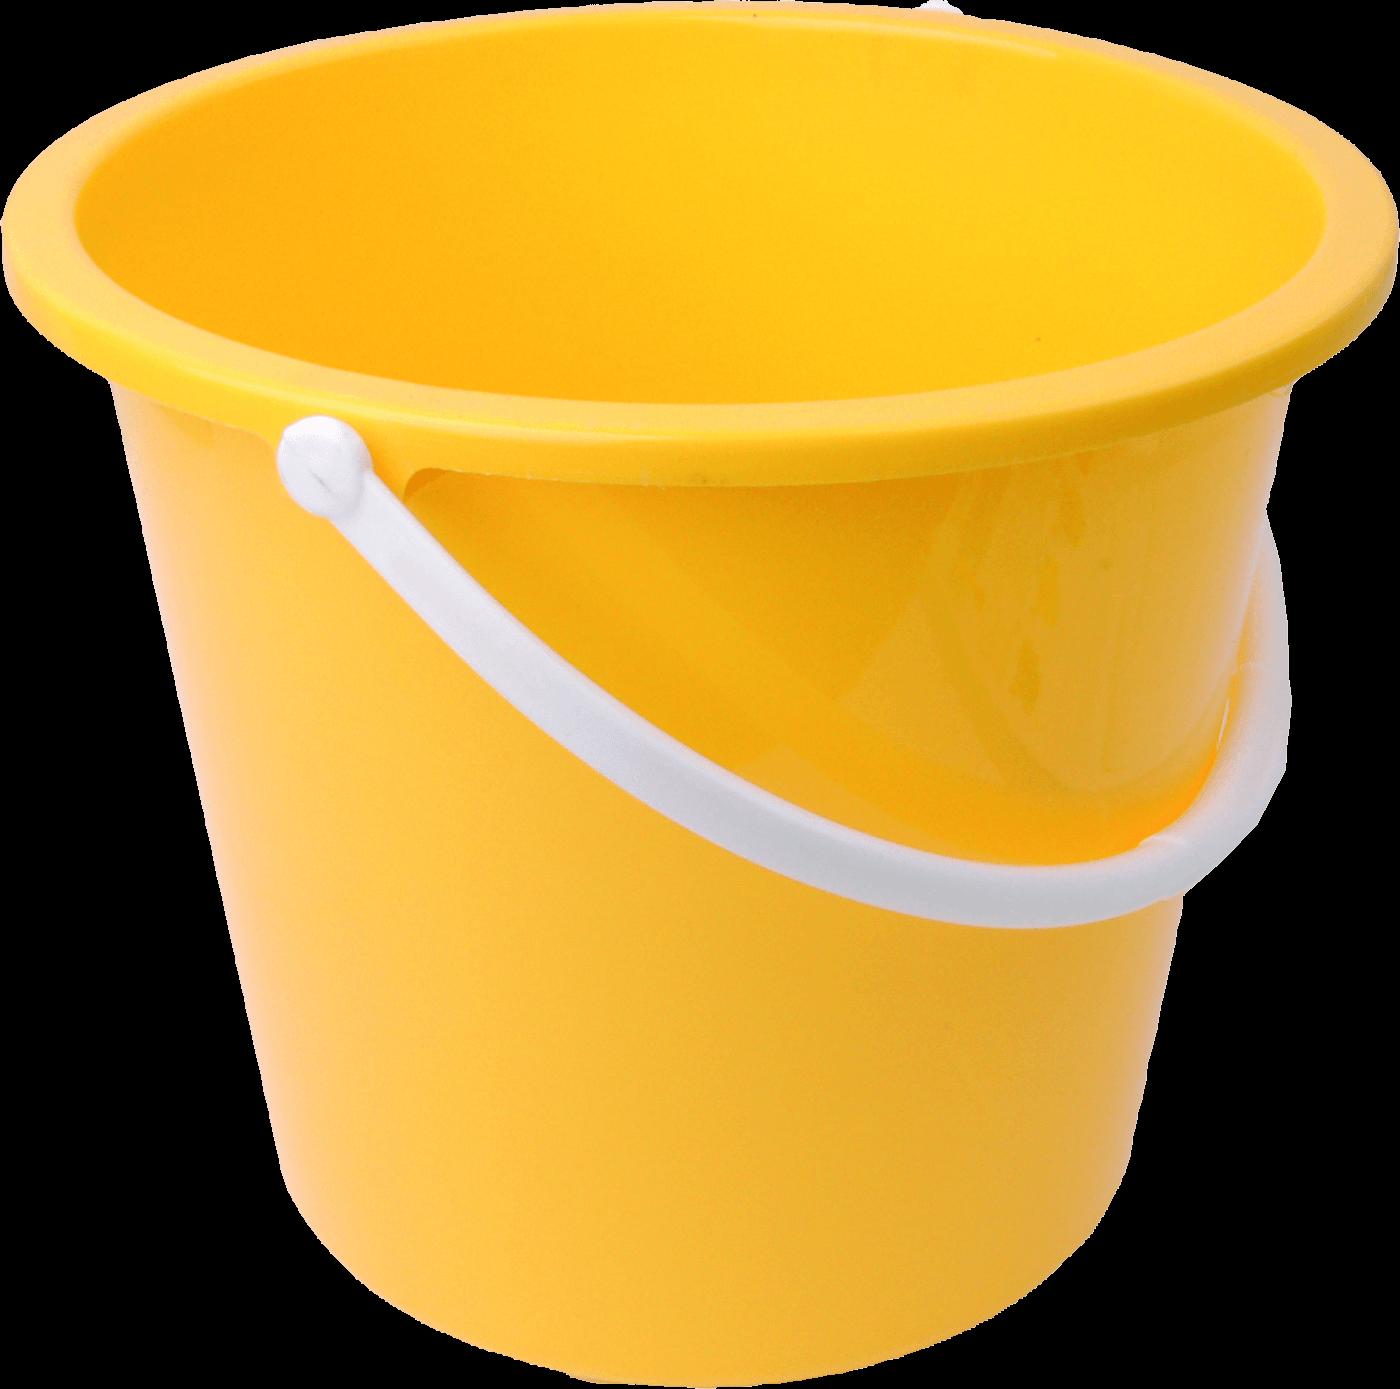 Bucket PNG - 20555